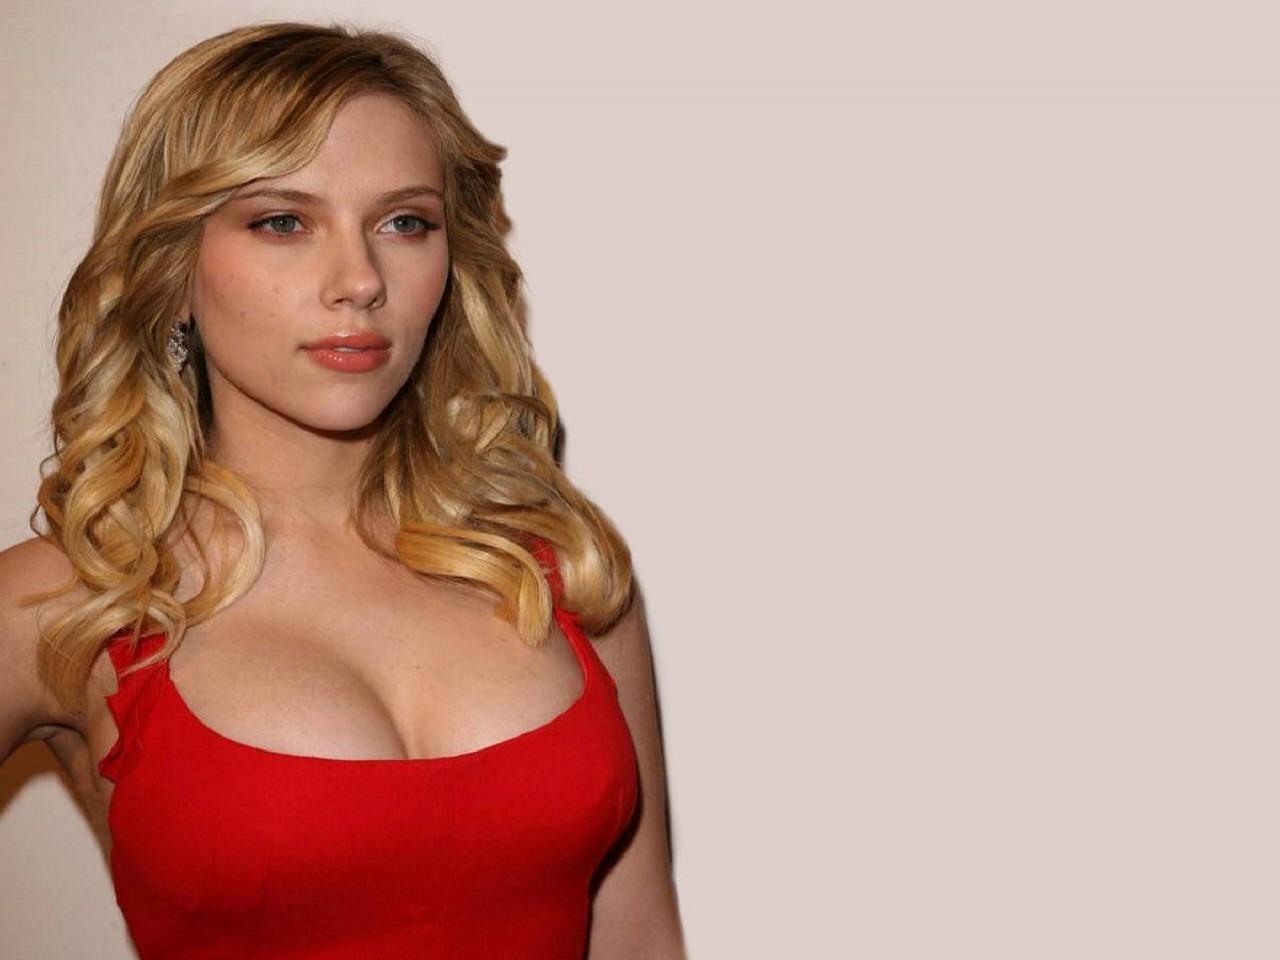 Wallpaper di una strepitosa Scarlett Johansson